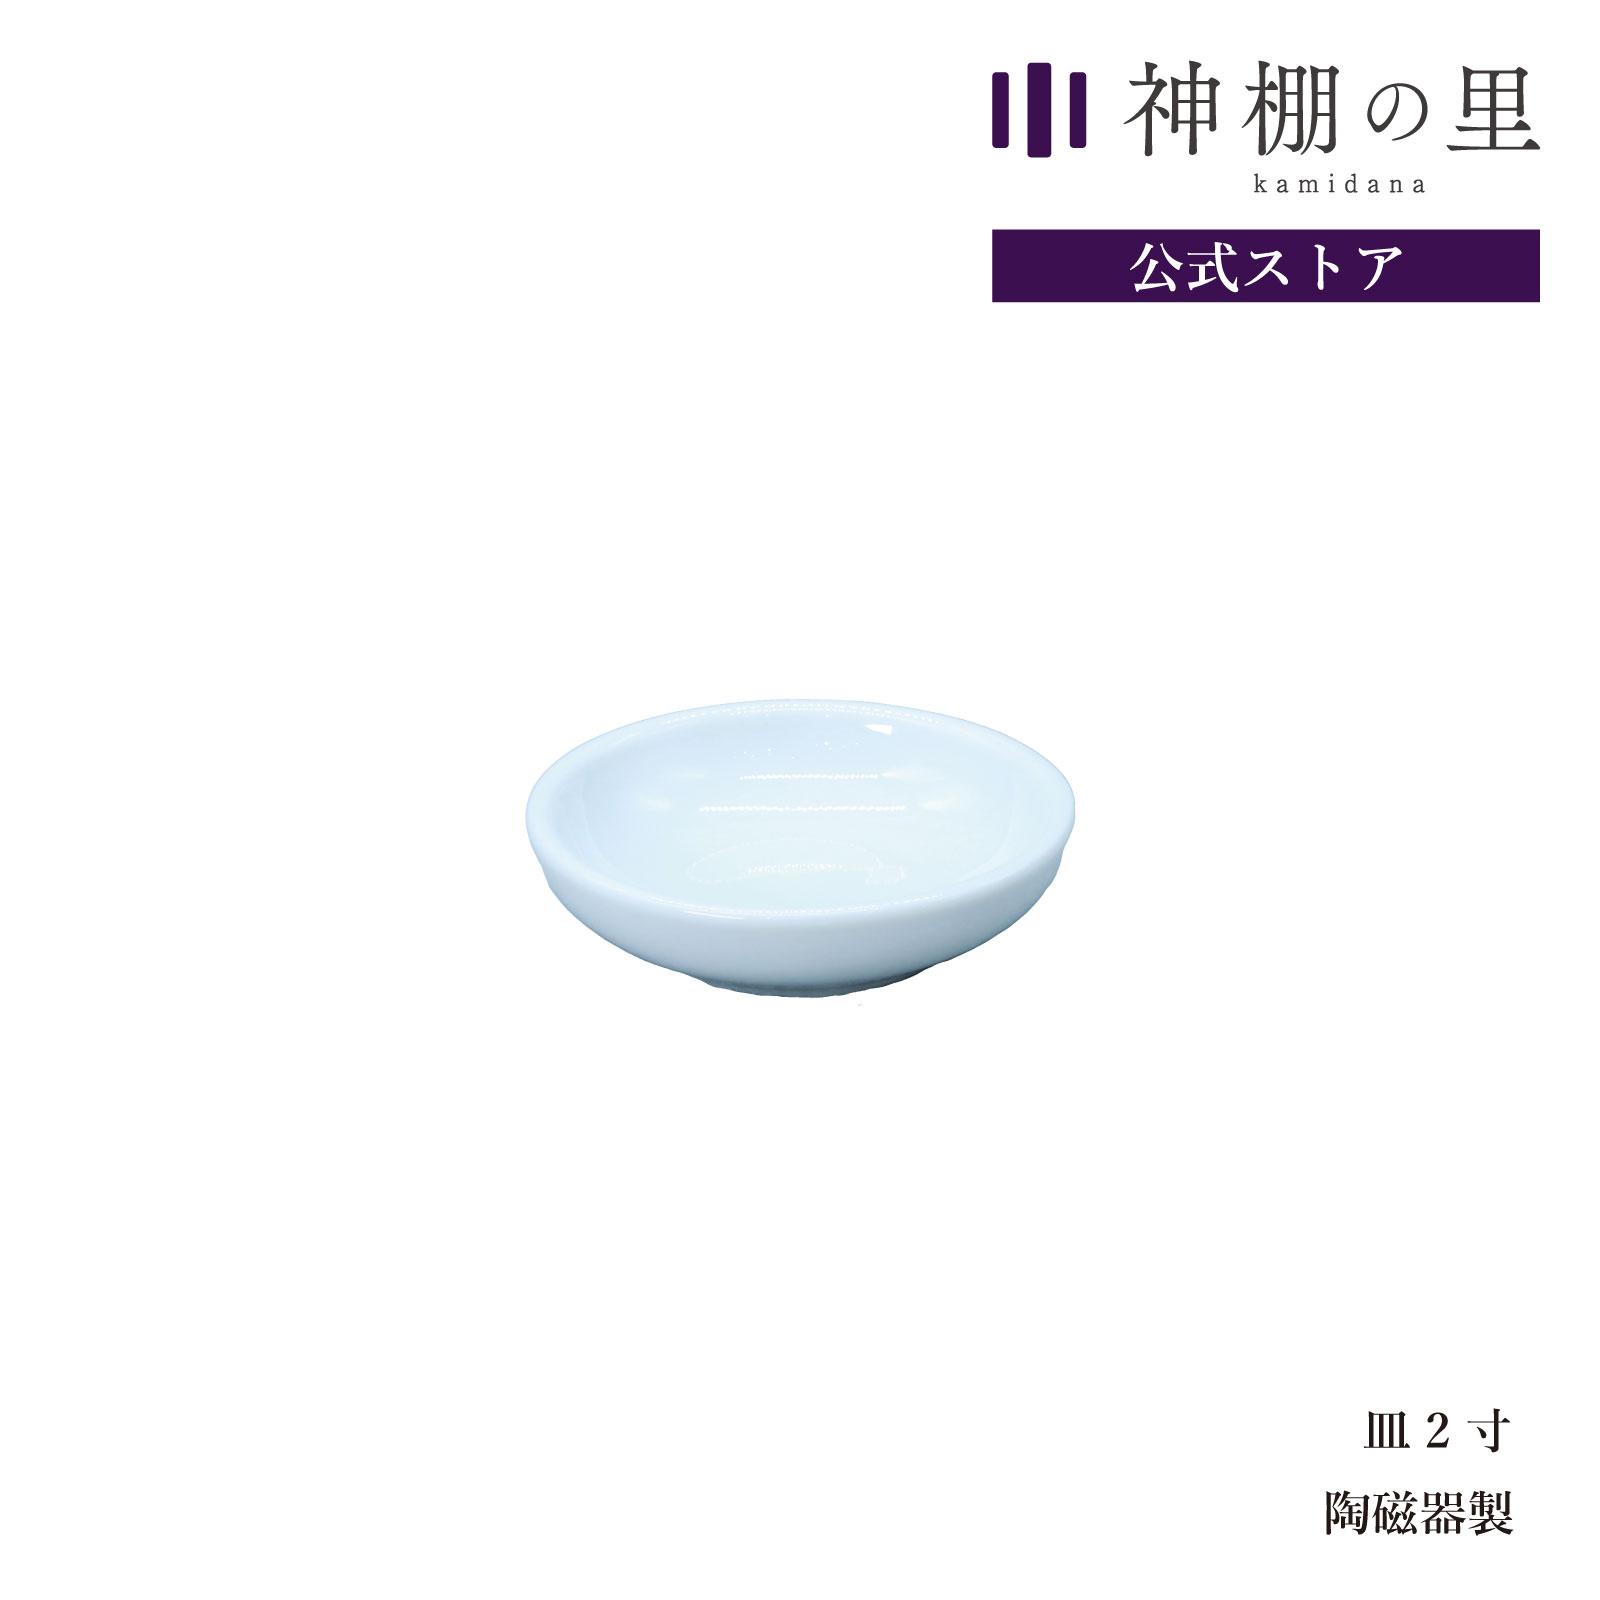 神棚にお供えする 米 塩を乗せる器です 格安SALEスタート 神棚の里 公式 訳あり品送料無料 神棚 皿 陶器 塩 神具 2寸